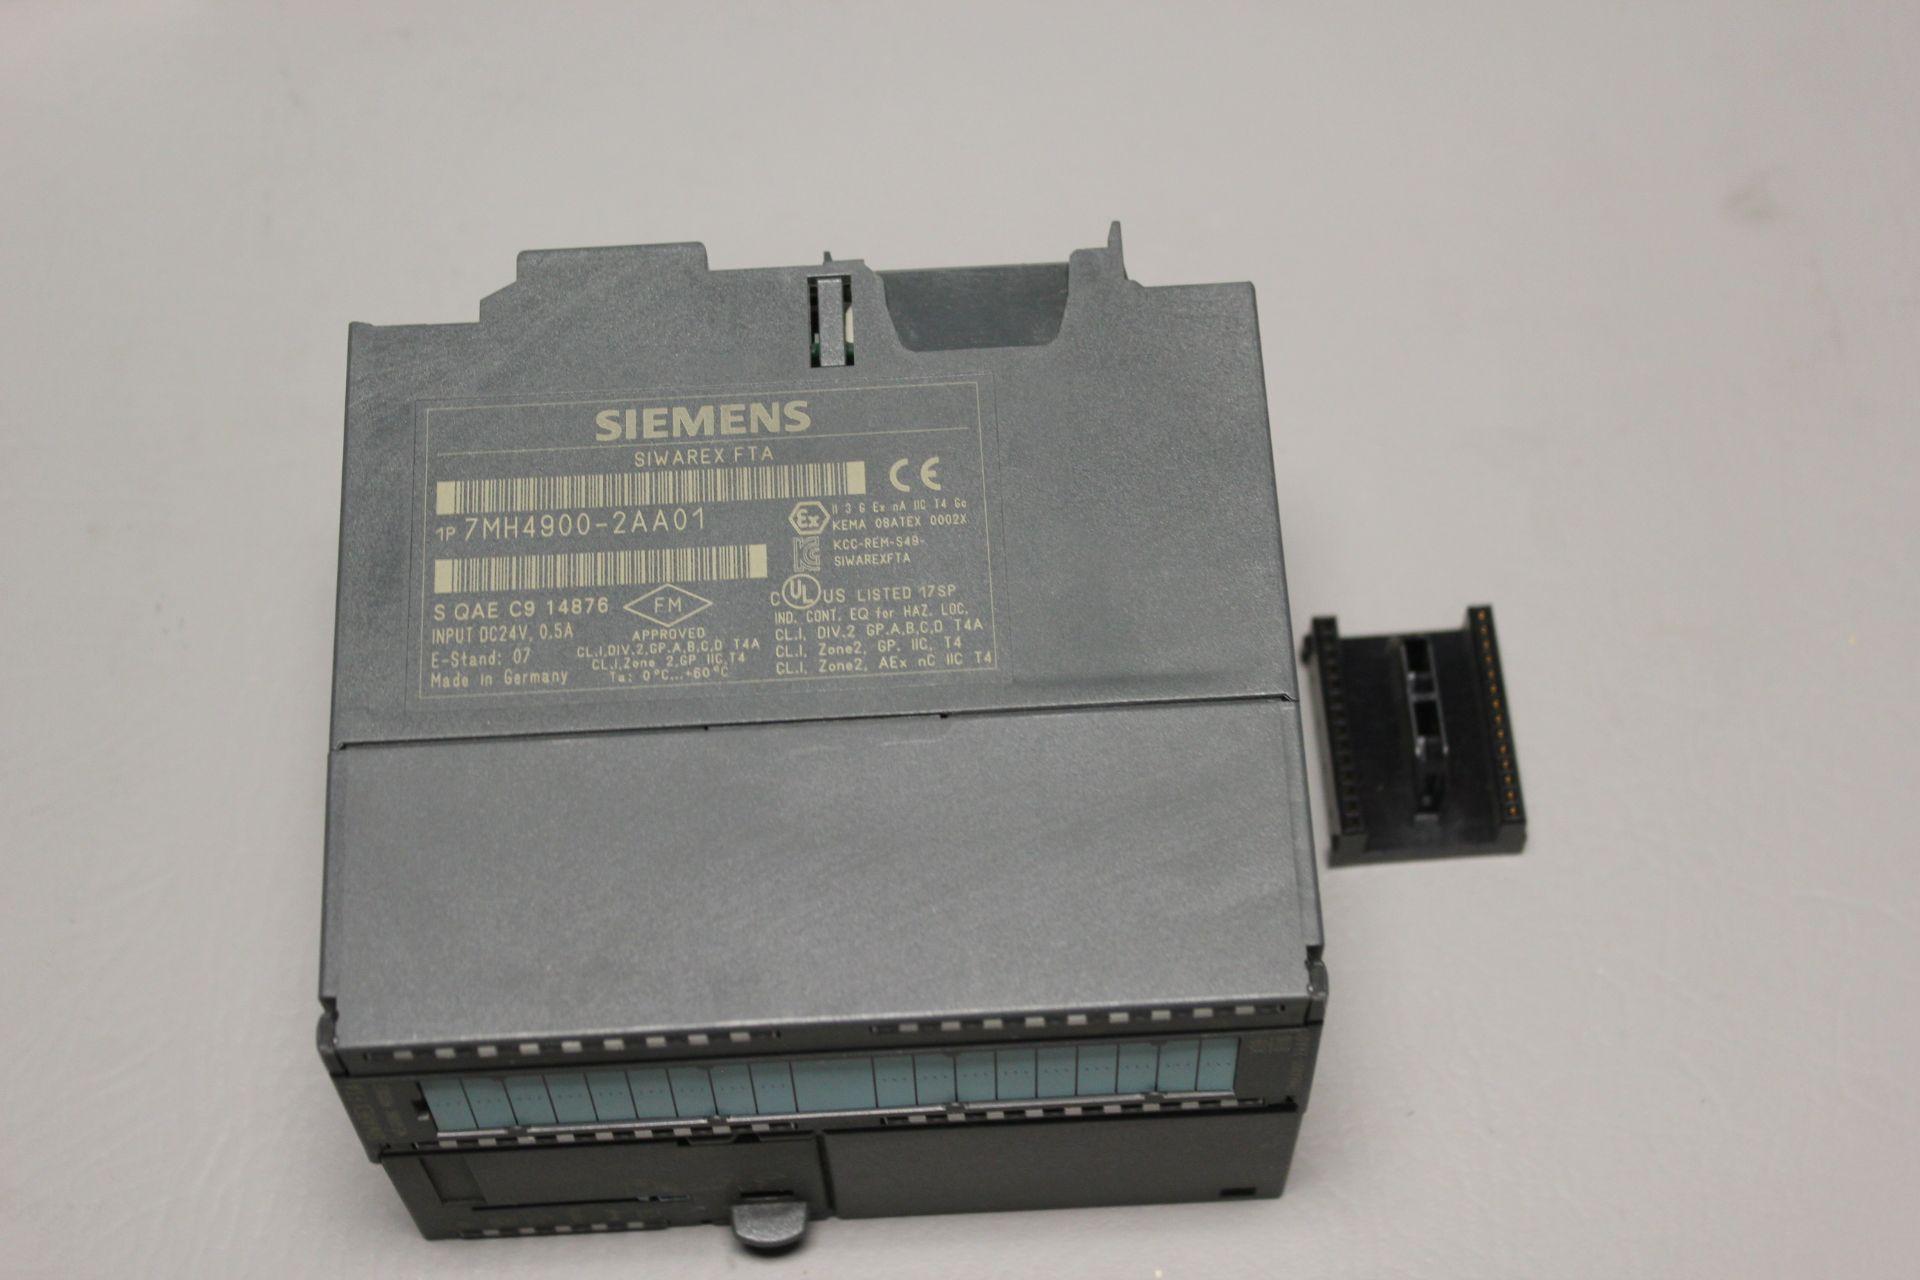 NEW SIEMENS SIWAREX FTA PLC WEIGHING MODULE - Image 6 of 8